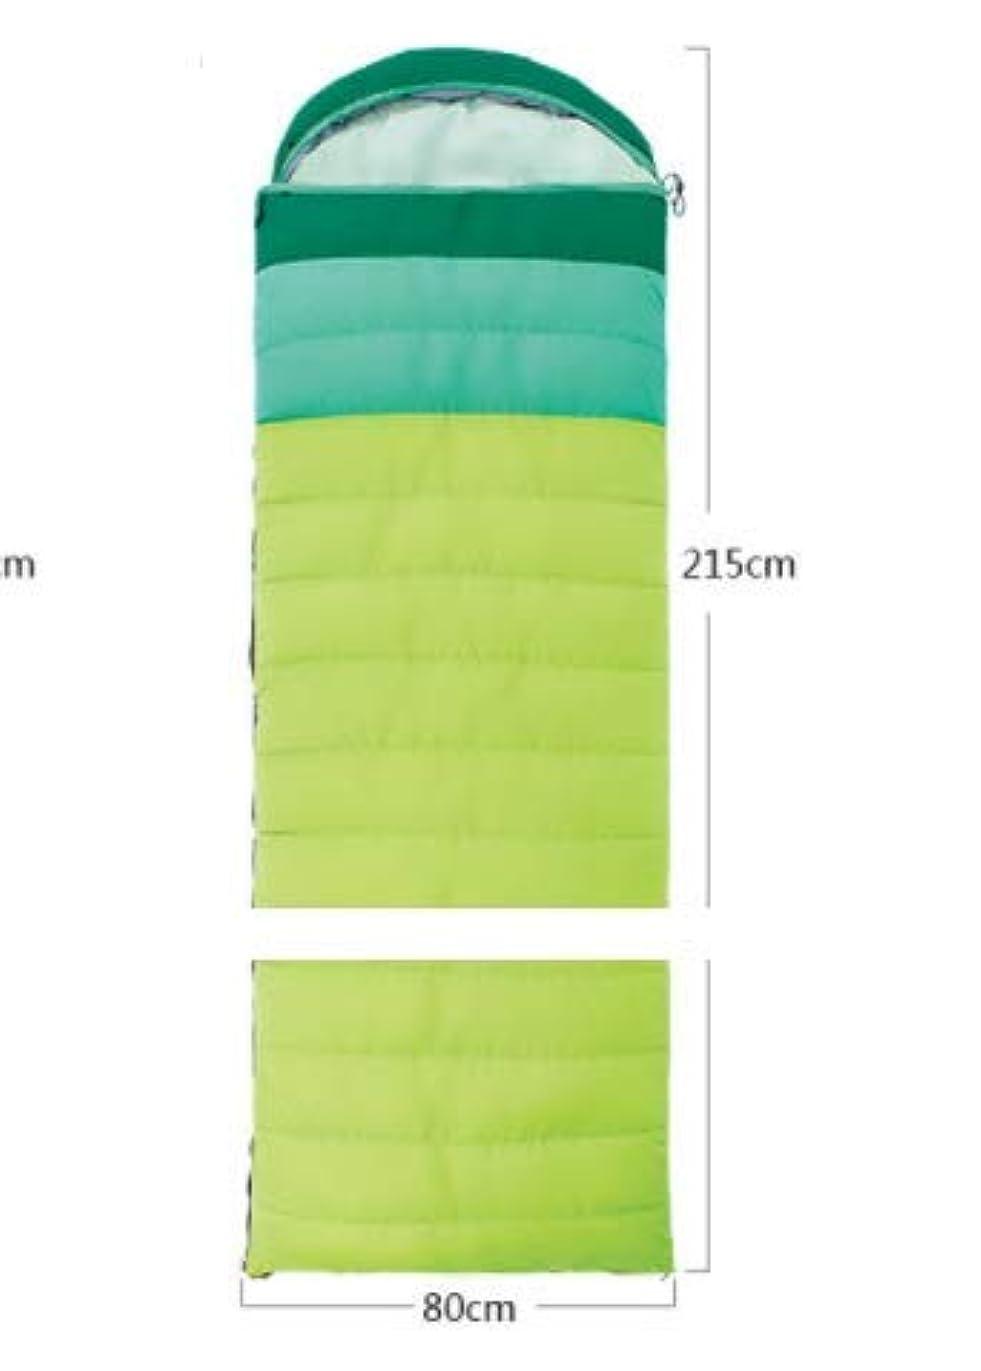 反発する上向き分配しますLishangl ダウン+コットン混寝袋屋外のキャンプ大人の寝袋は広くて厚い取り外し可能で洗える (Color : グリーン)